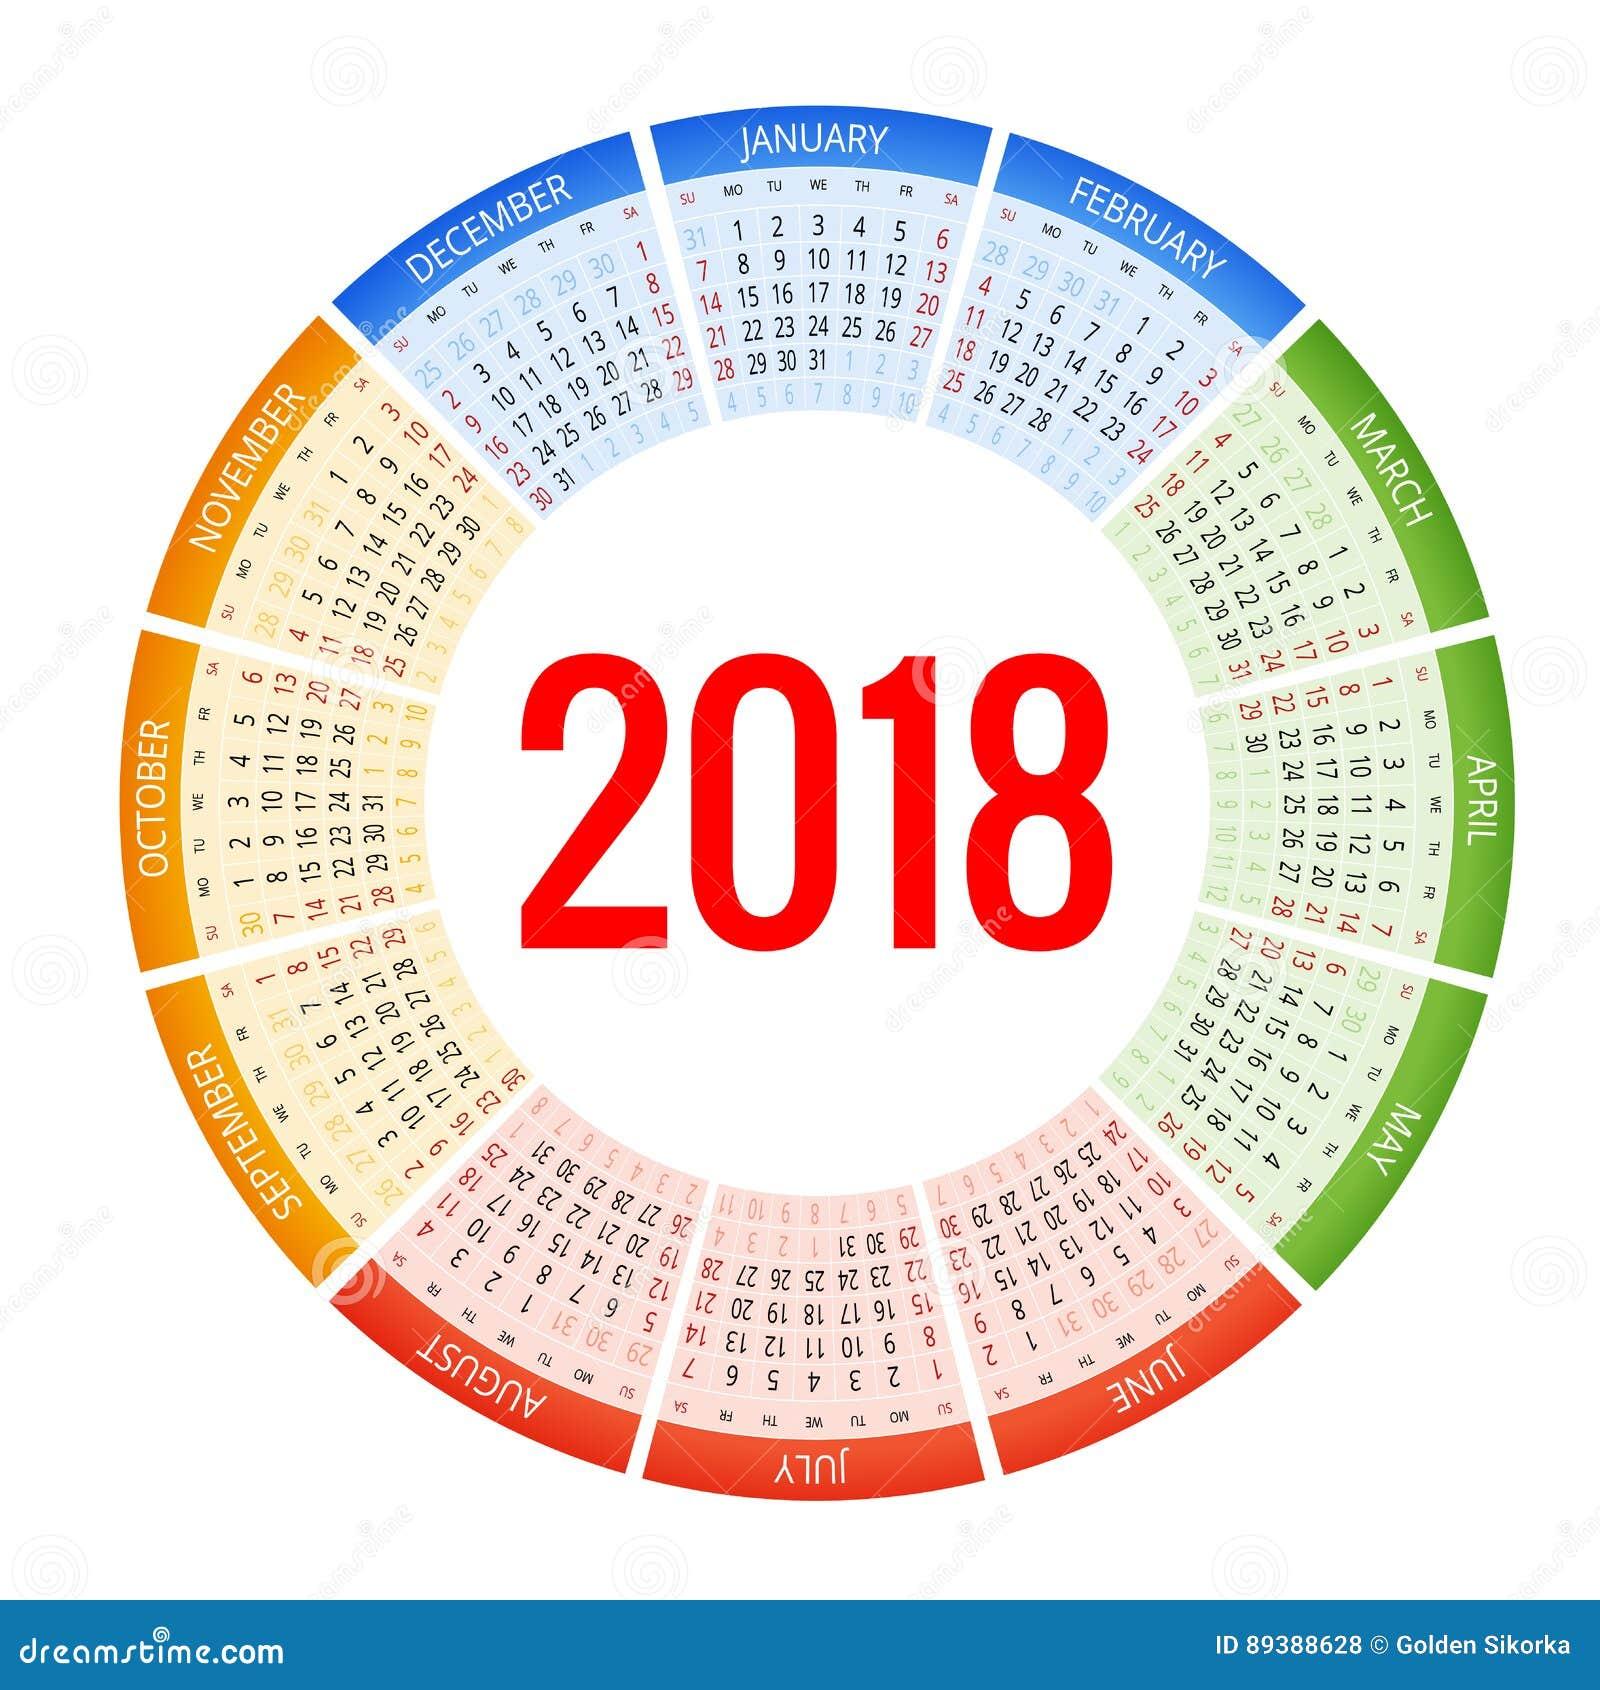 Calendrier de 2018 cercles Calibre d impression La semaine commence dimanche Orientation de portrait Ensemble de 12 mois Planific